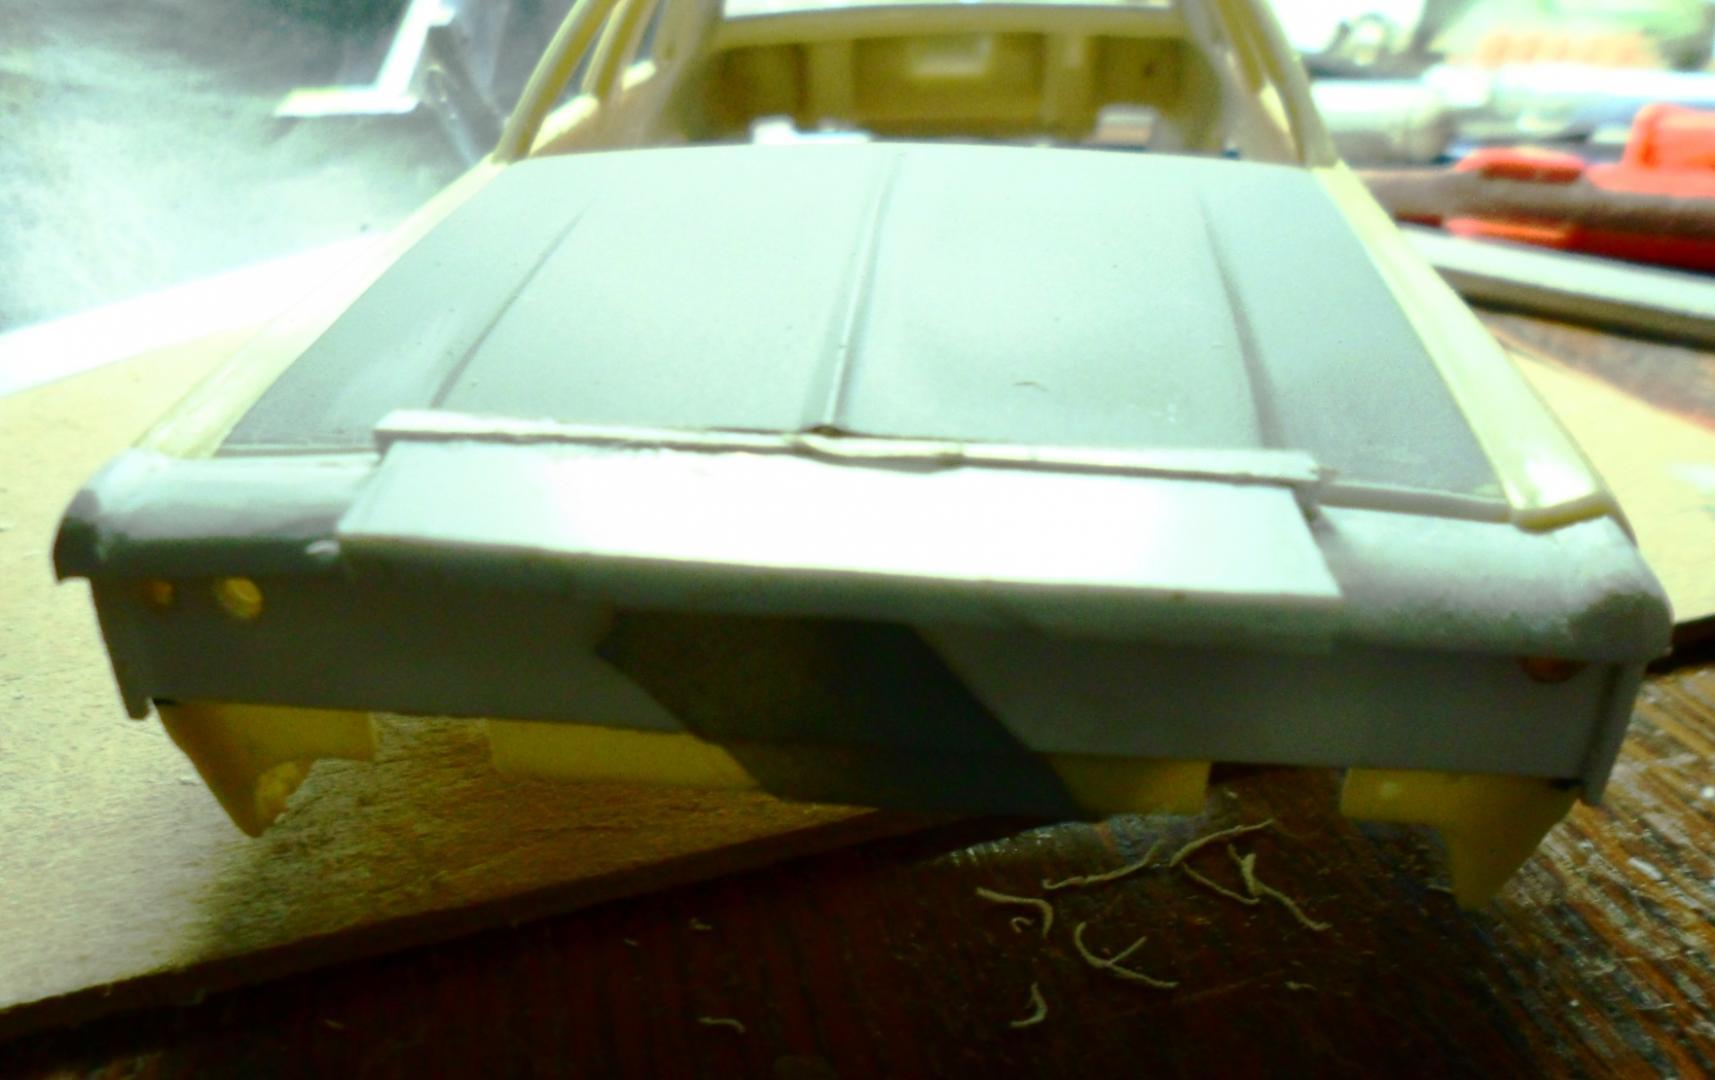 180617 - 79 - 82 LTD-S Header const (14).JPG